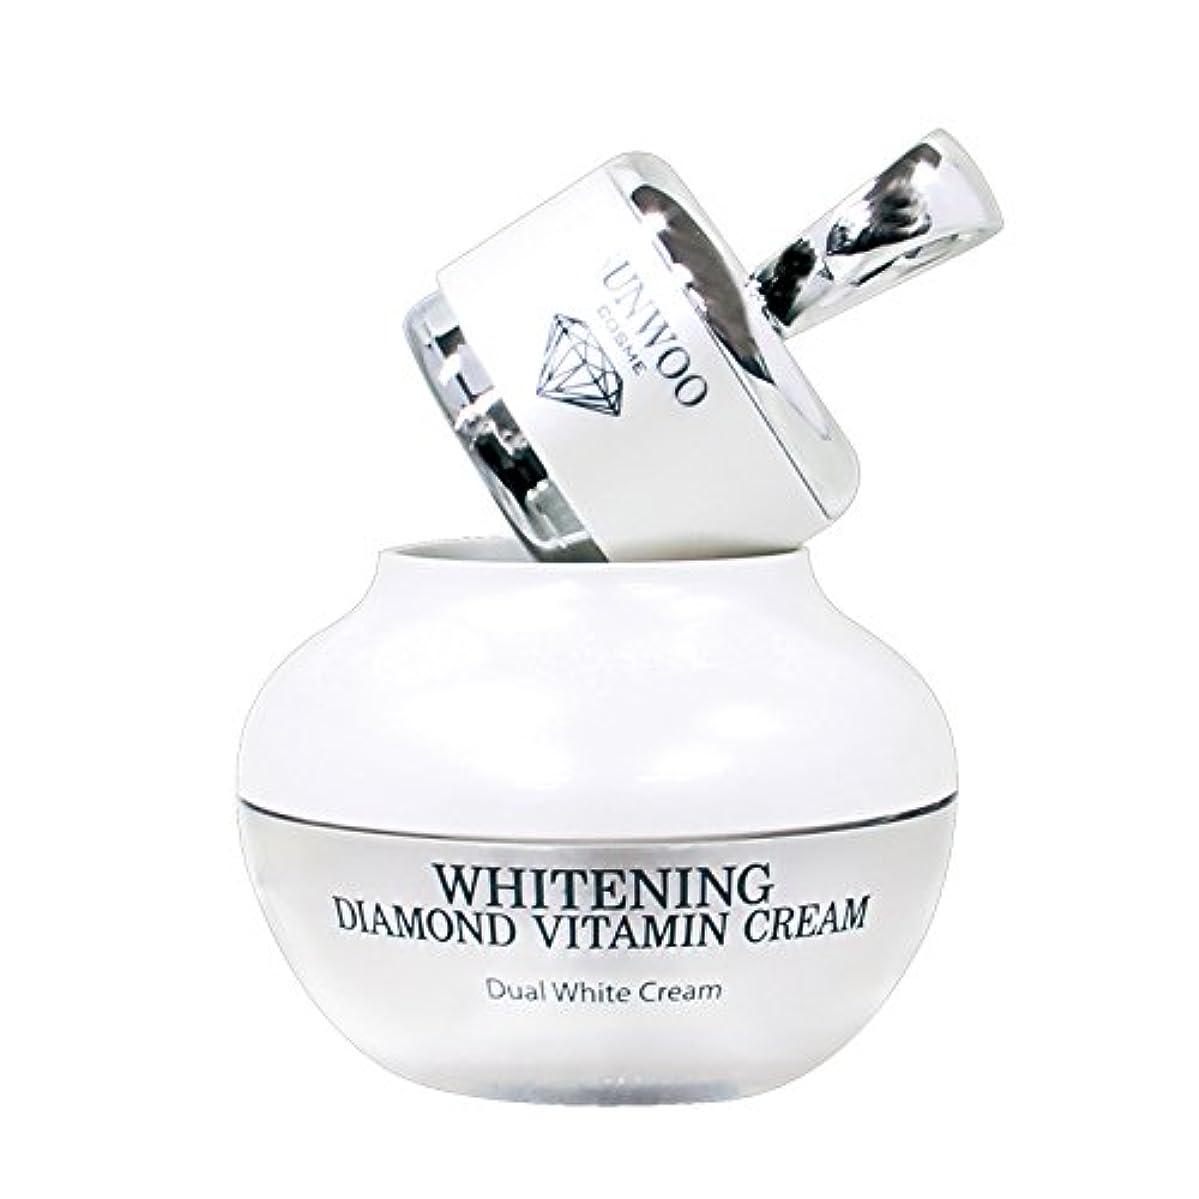 原子炉コメント研究所Whitening Diamond Vitamin Cream